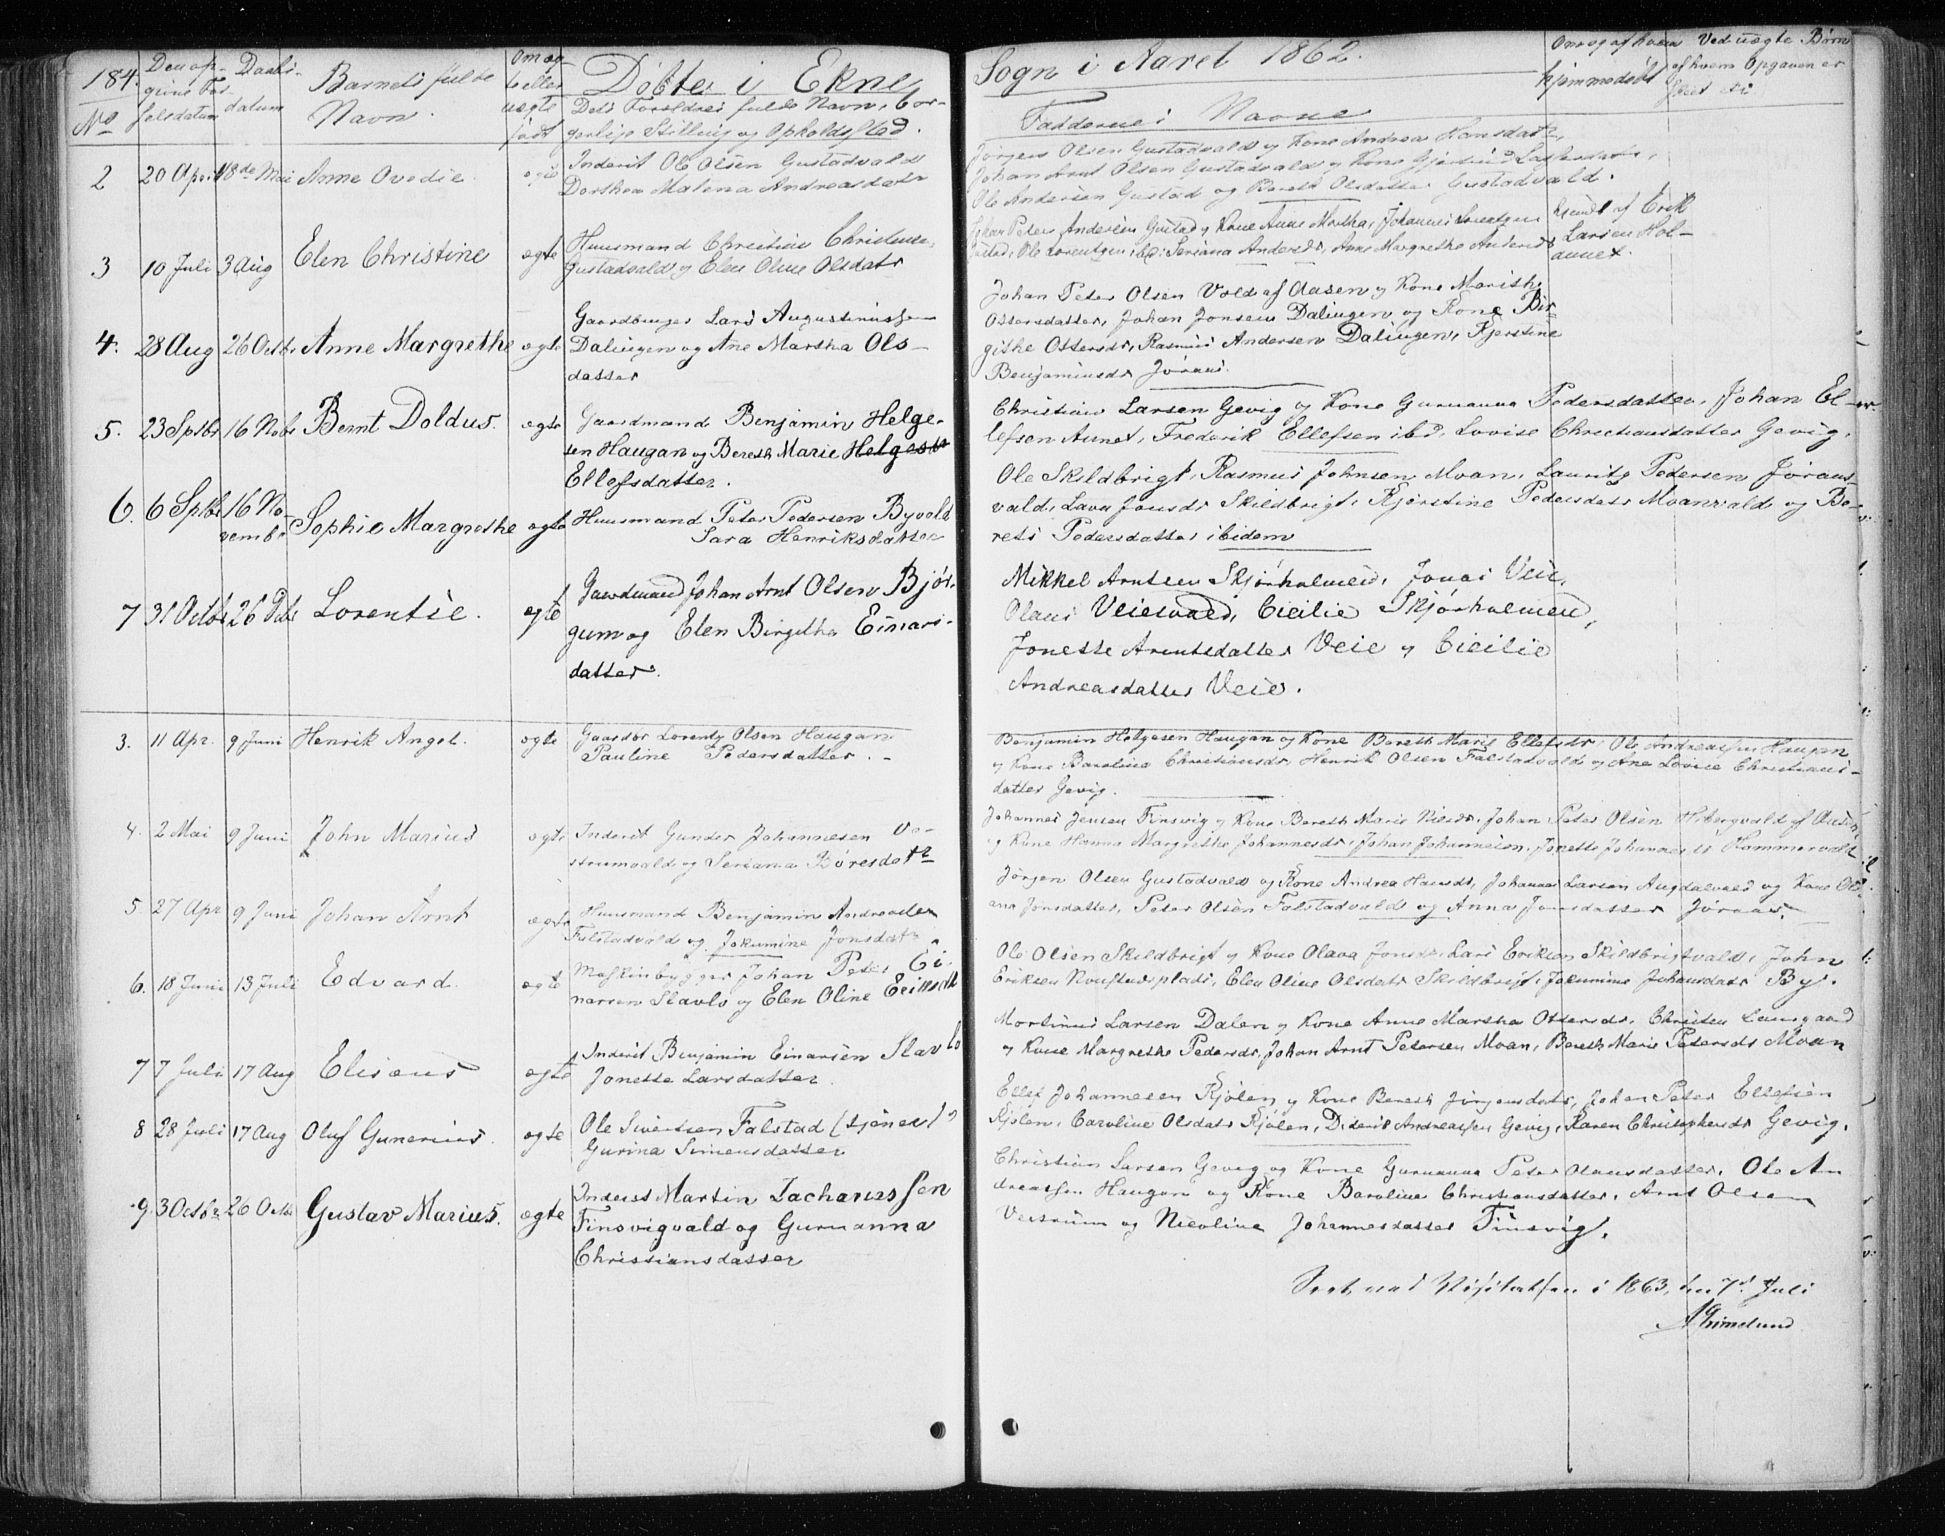 SAT, Ministerialprotokoller, klokkerbøker og fødselsregistre - Nord-Trøndelag, 717/L0154: Ministerialbok nr. 717A07 /3, 1850-1862, s. 184